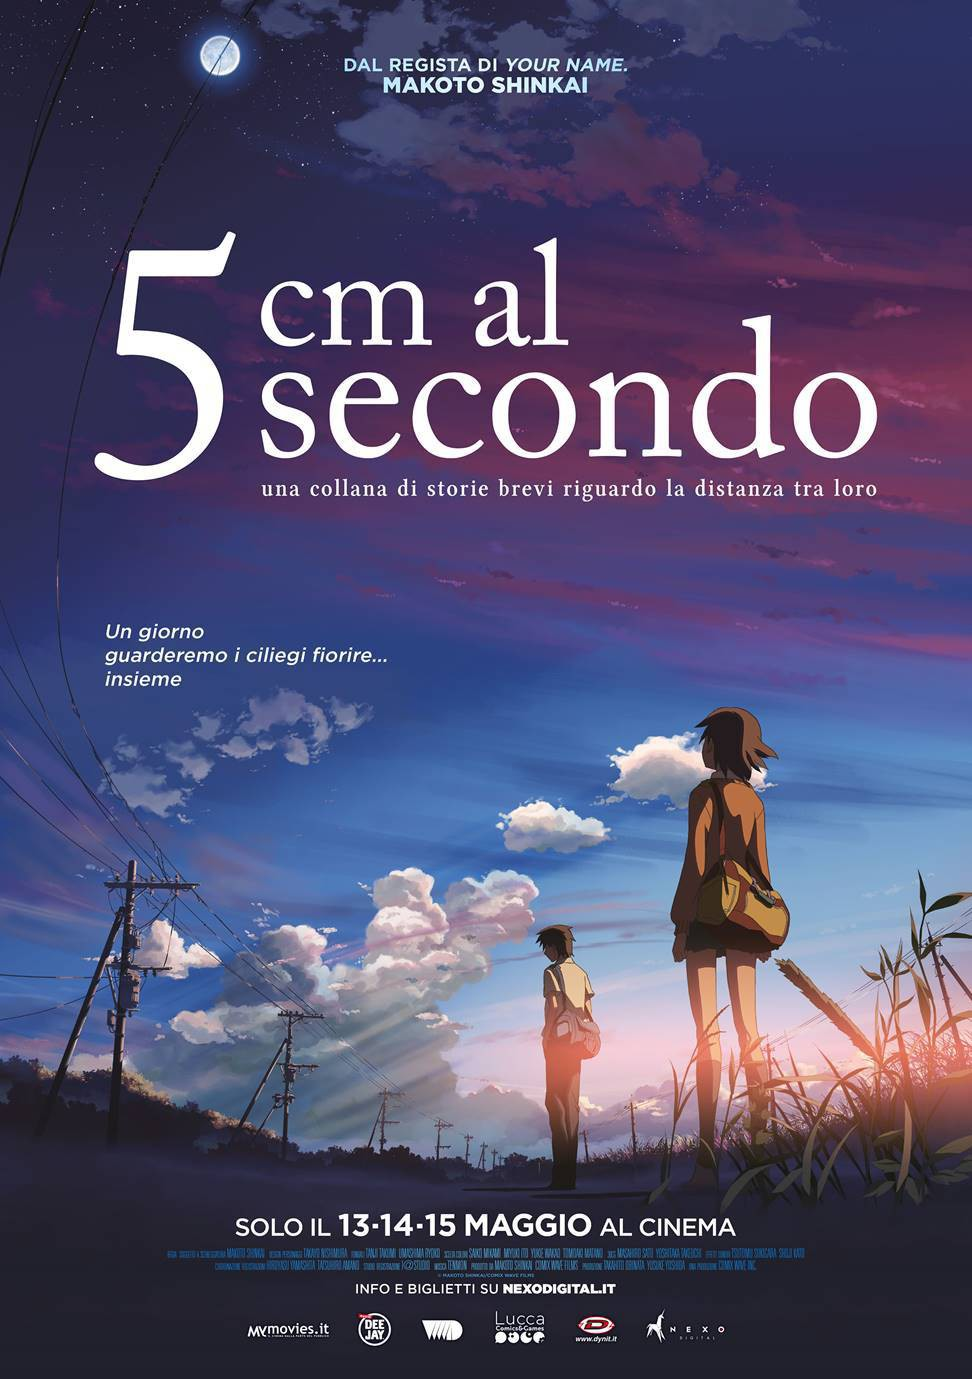 5 cm al secondo (byosoku 5 senchimetoru)